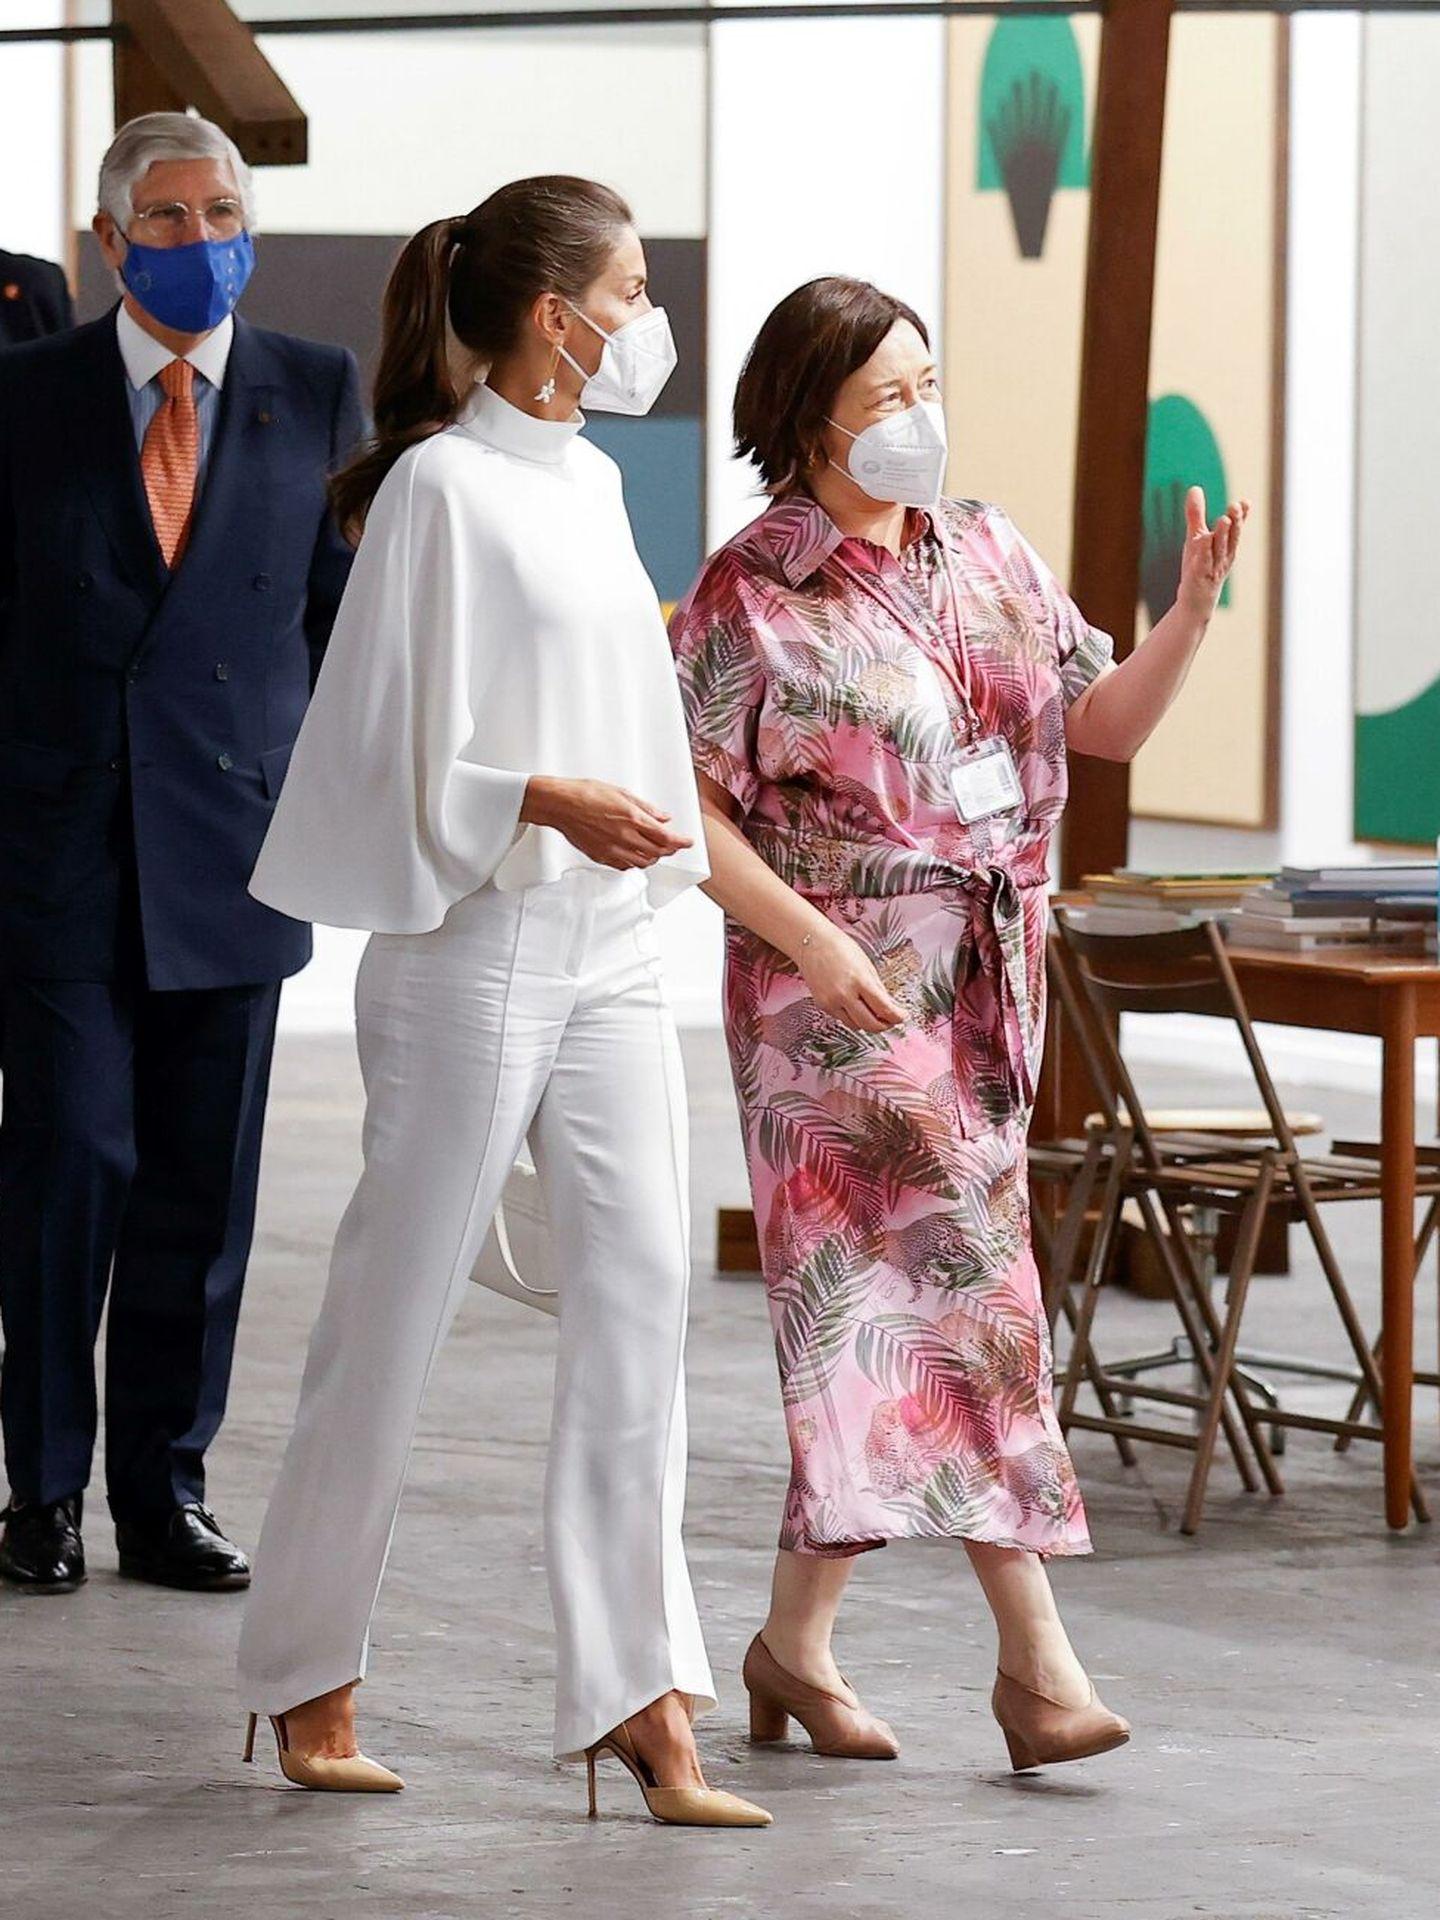 La reina Letizia, junto a la directora de ARCO, Maribel López. (EFE)